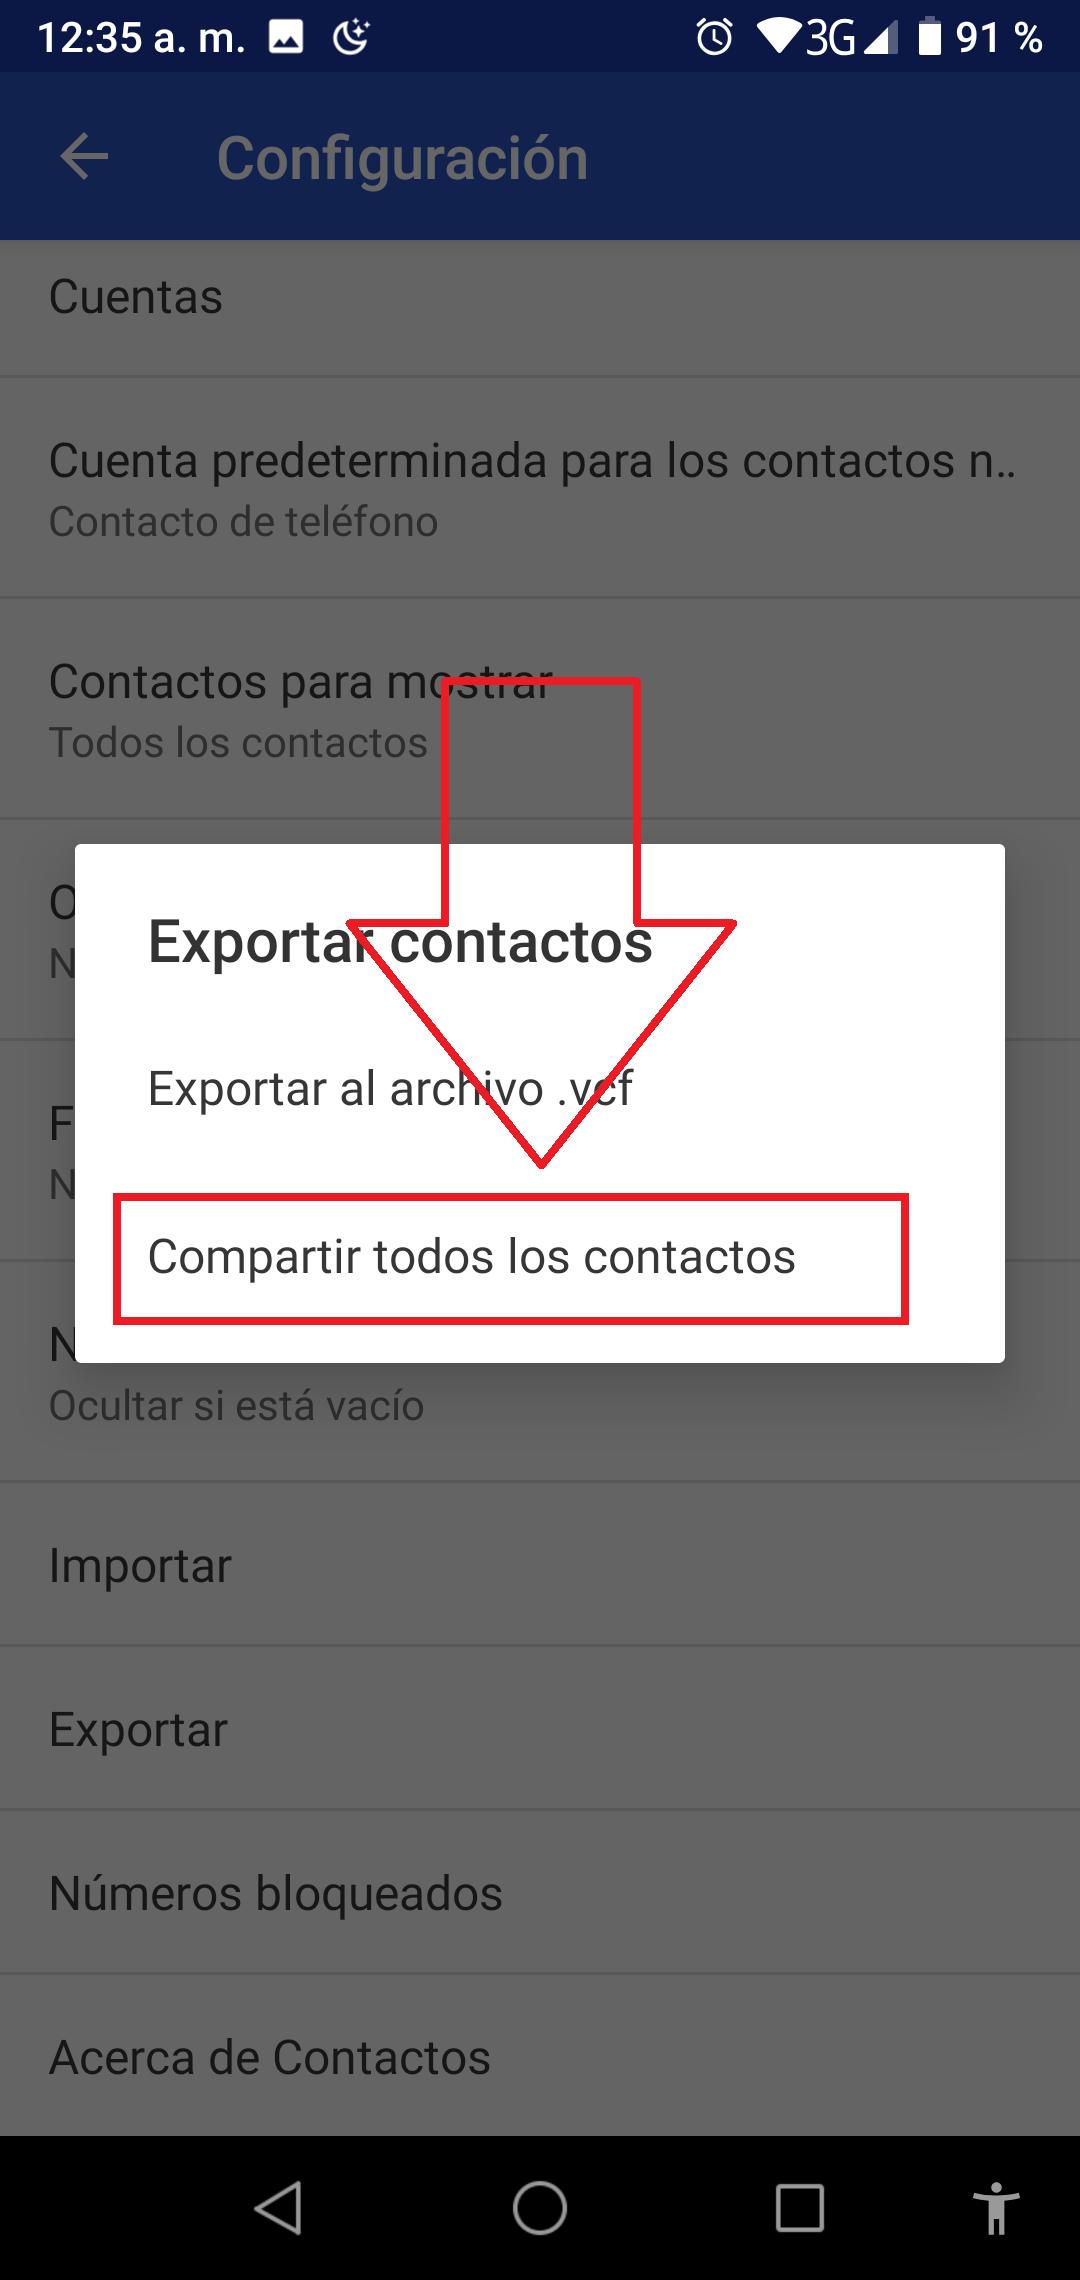 Compartir todos los contactos